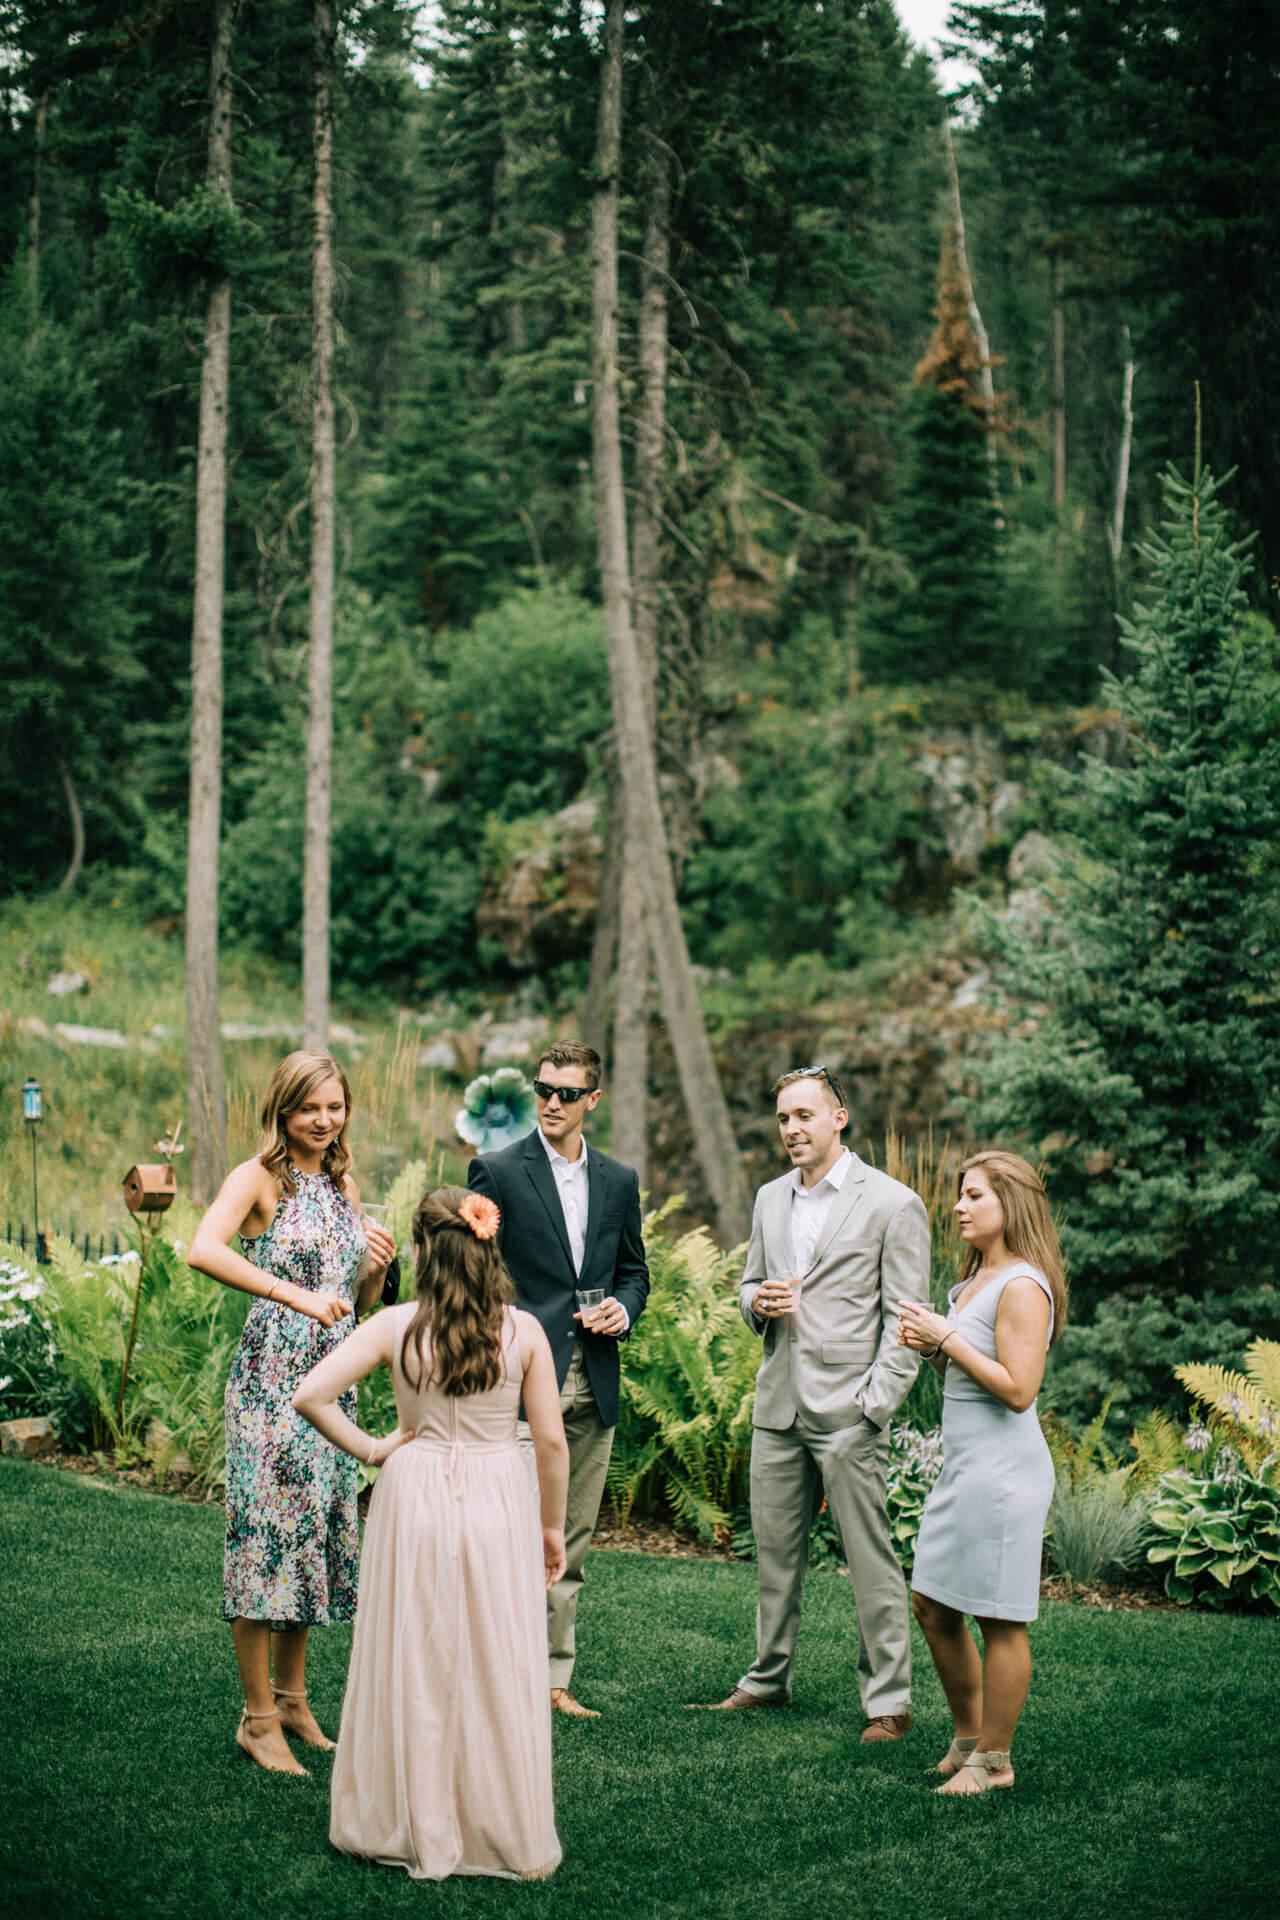 Nashville Wedding Photographer | Cluney Photography